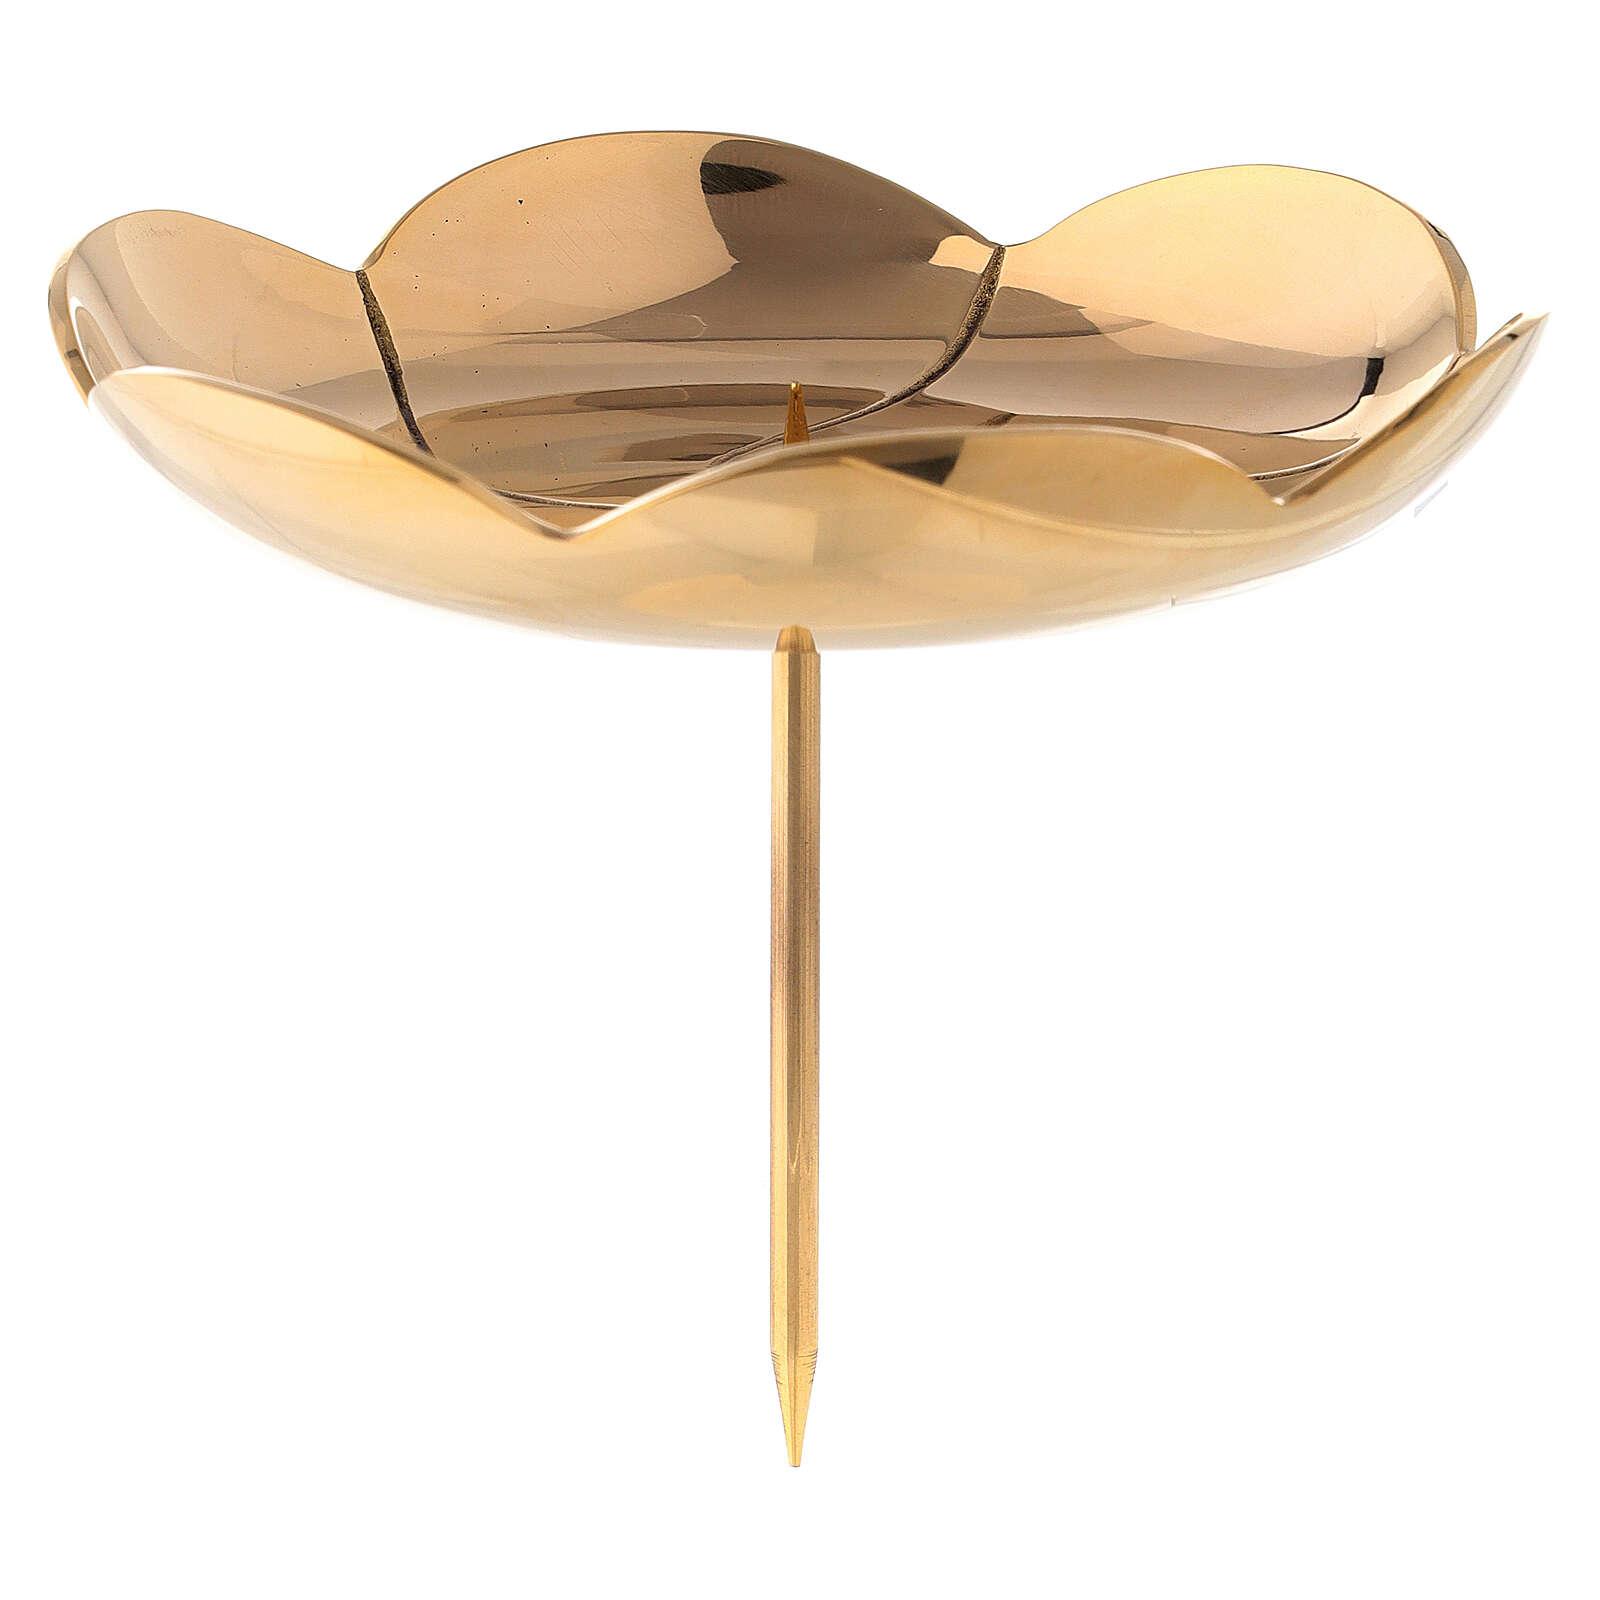 Punzone corona avvento fiore loto ottone dorato 12 cm 3